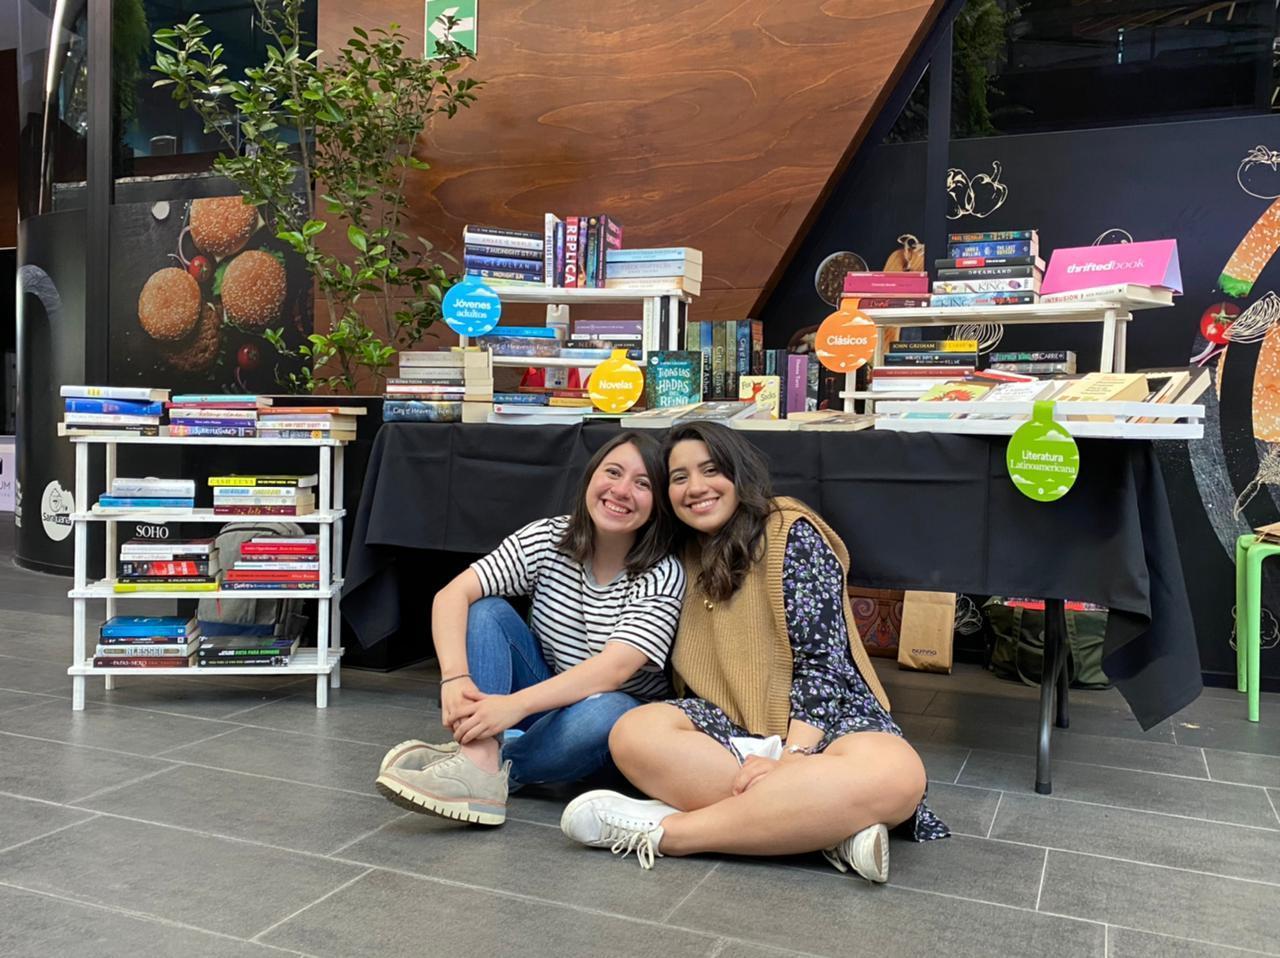 Las hermanas emprendedoras, por el amor  a la lectura imagen